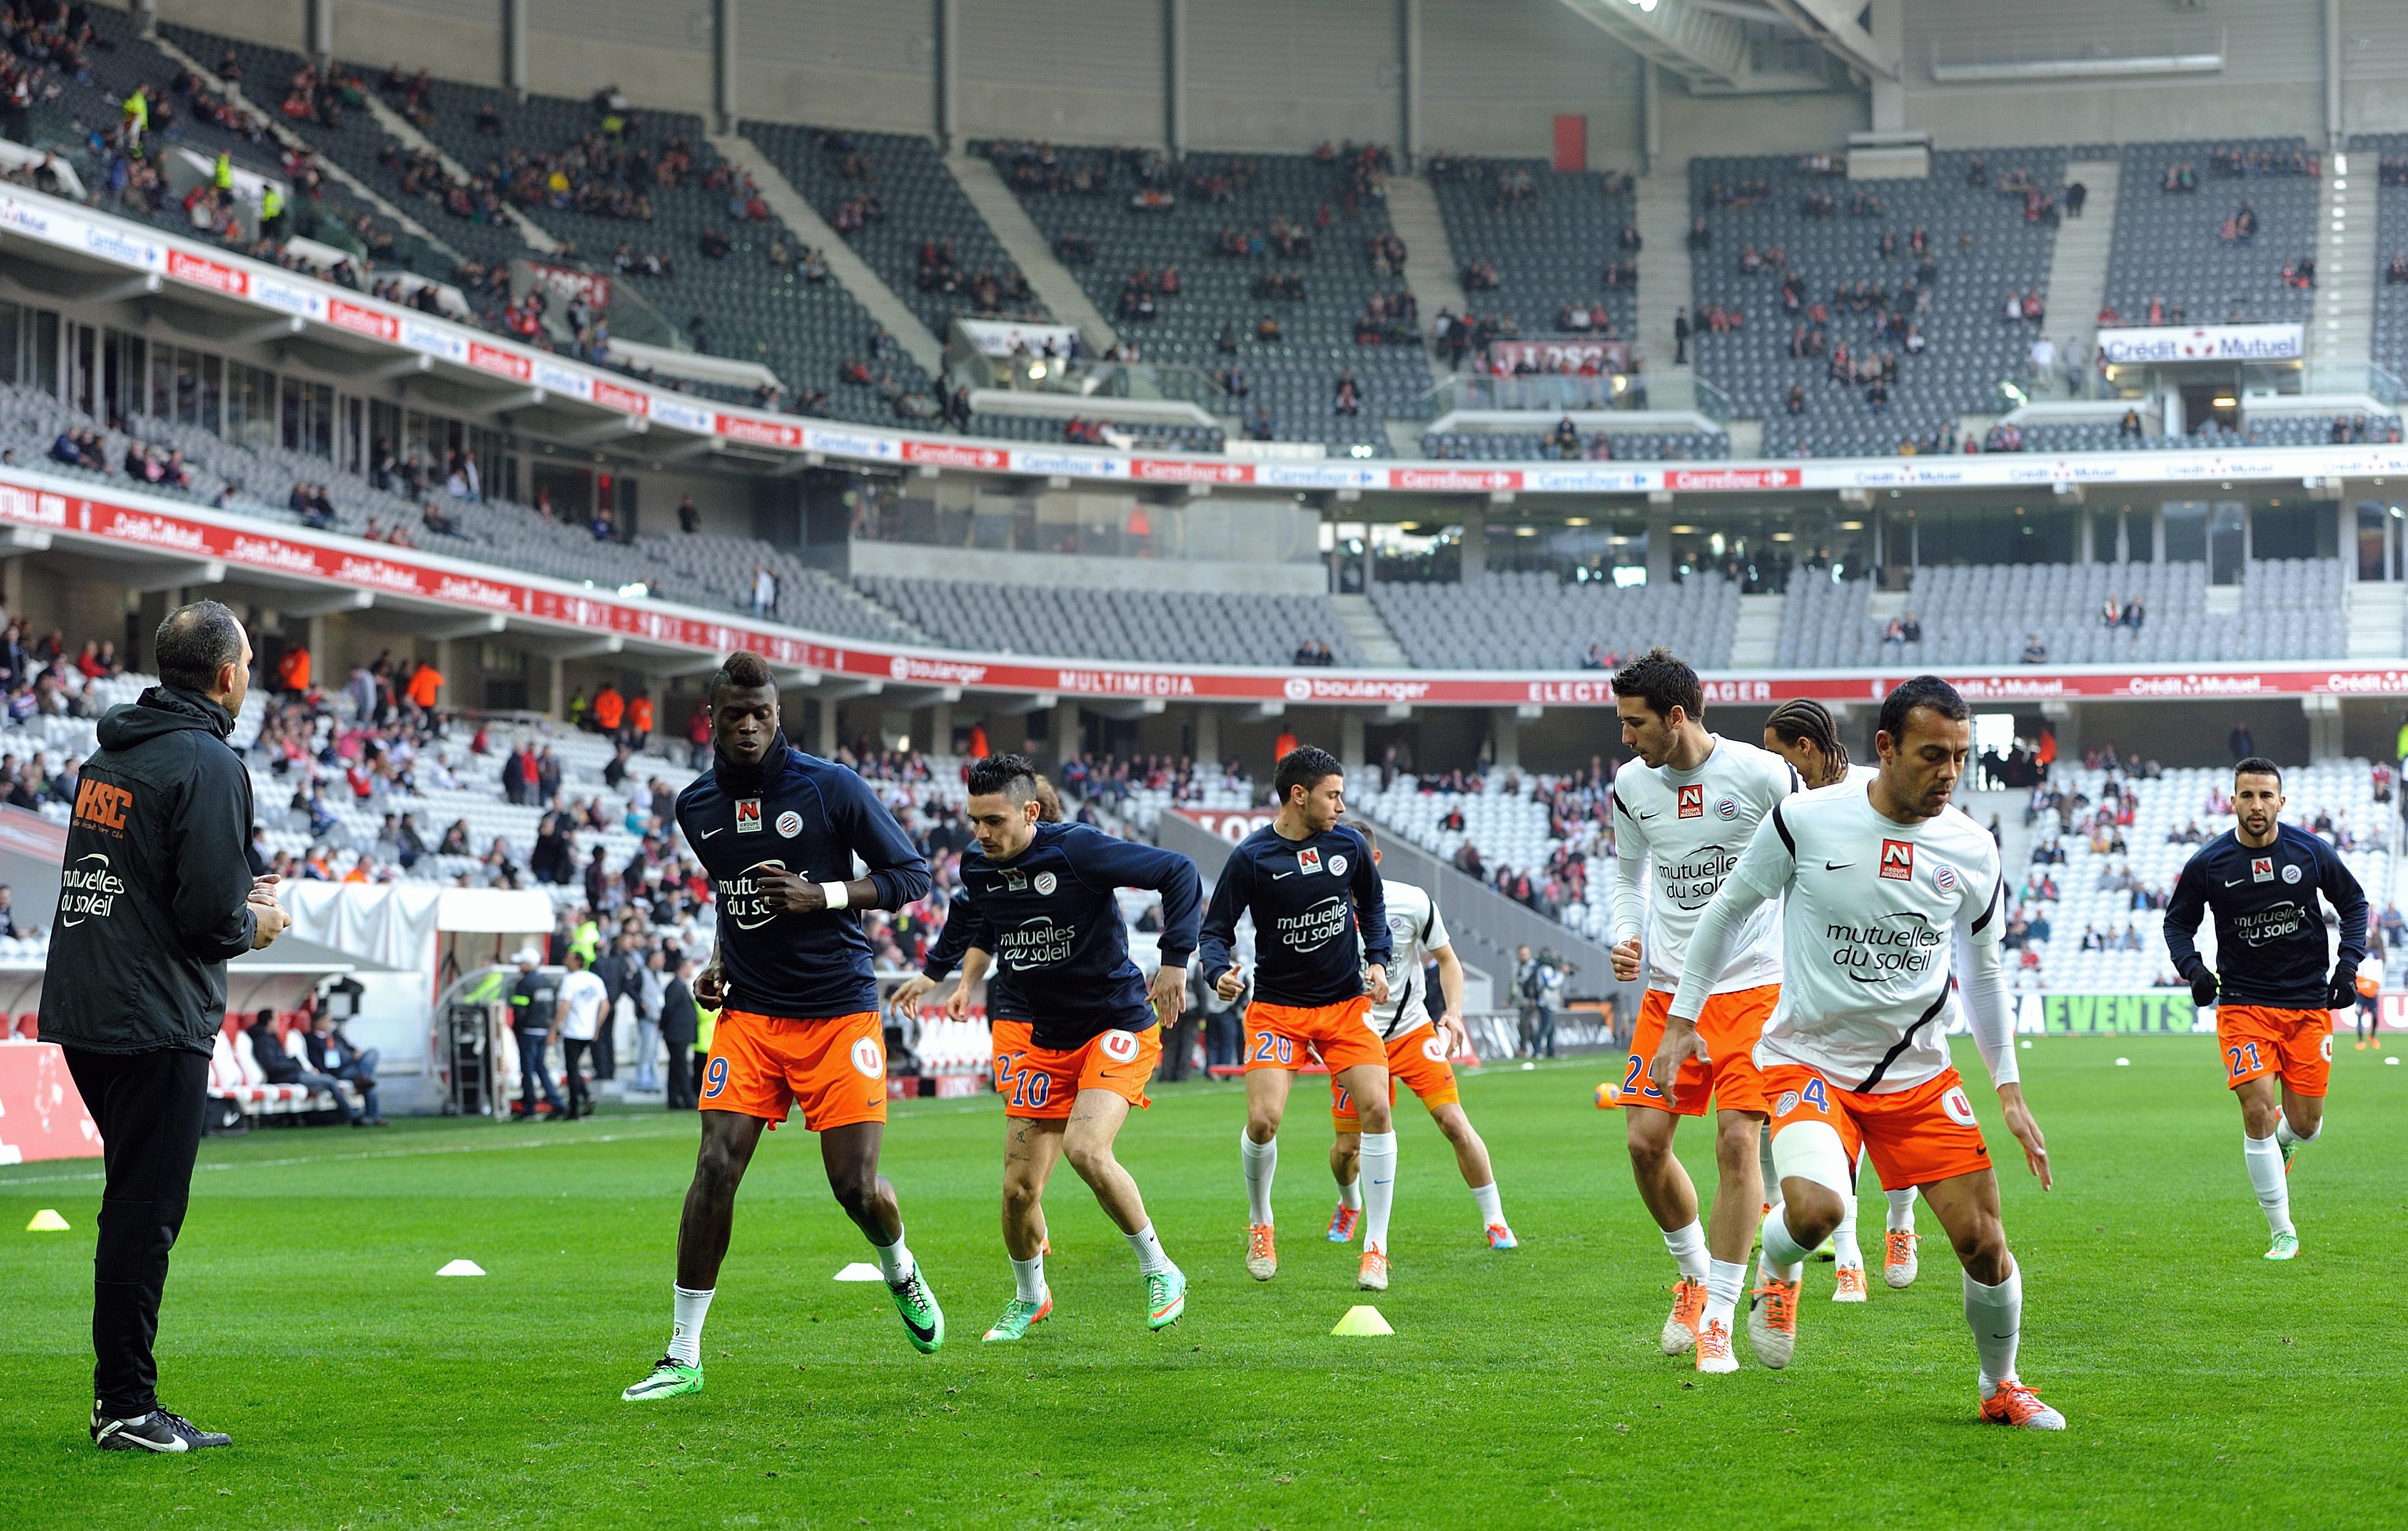 球员们在法国l1足球比赛前的热身